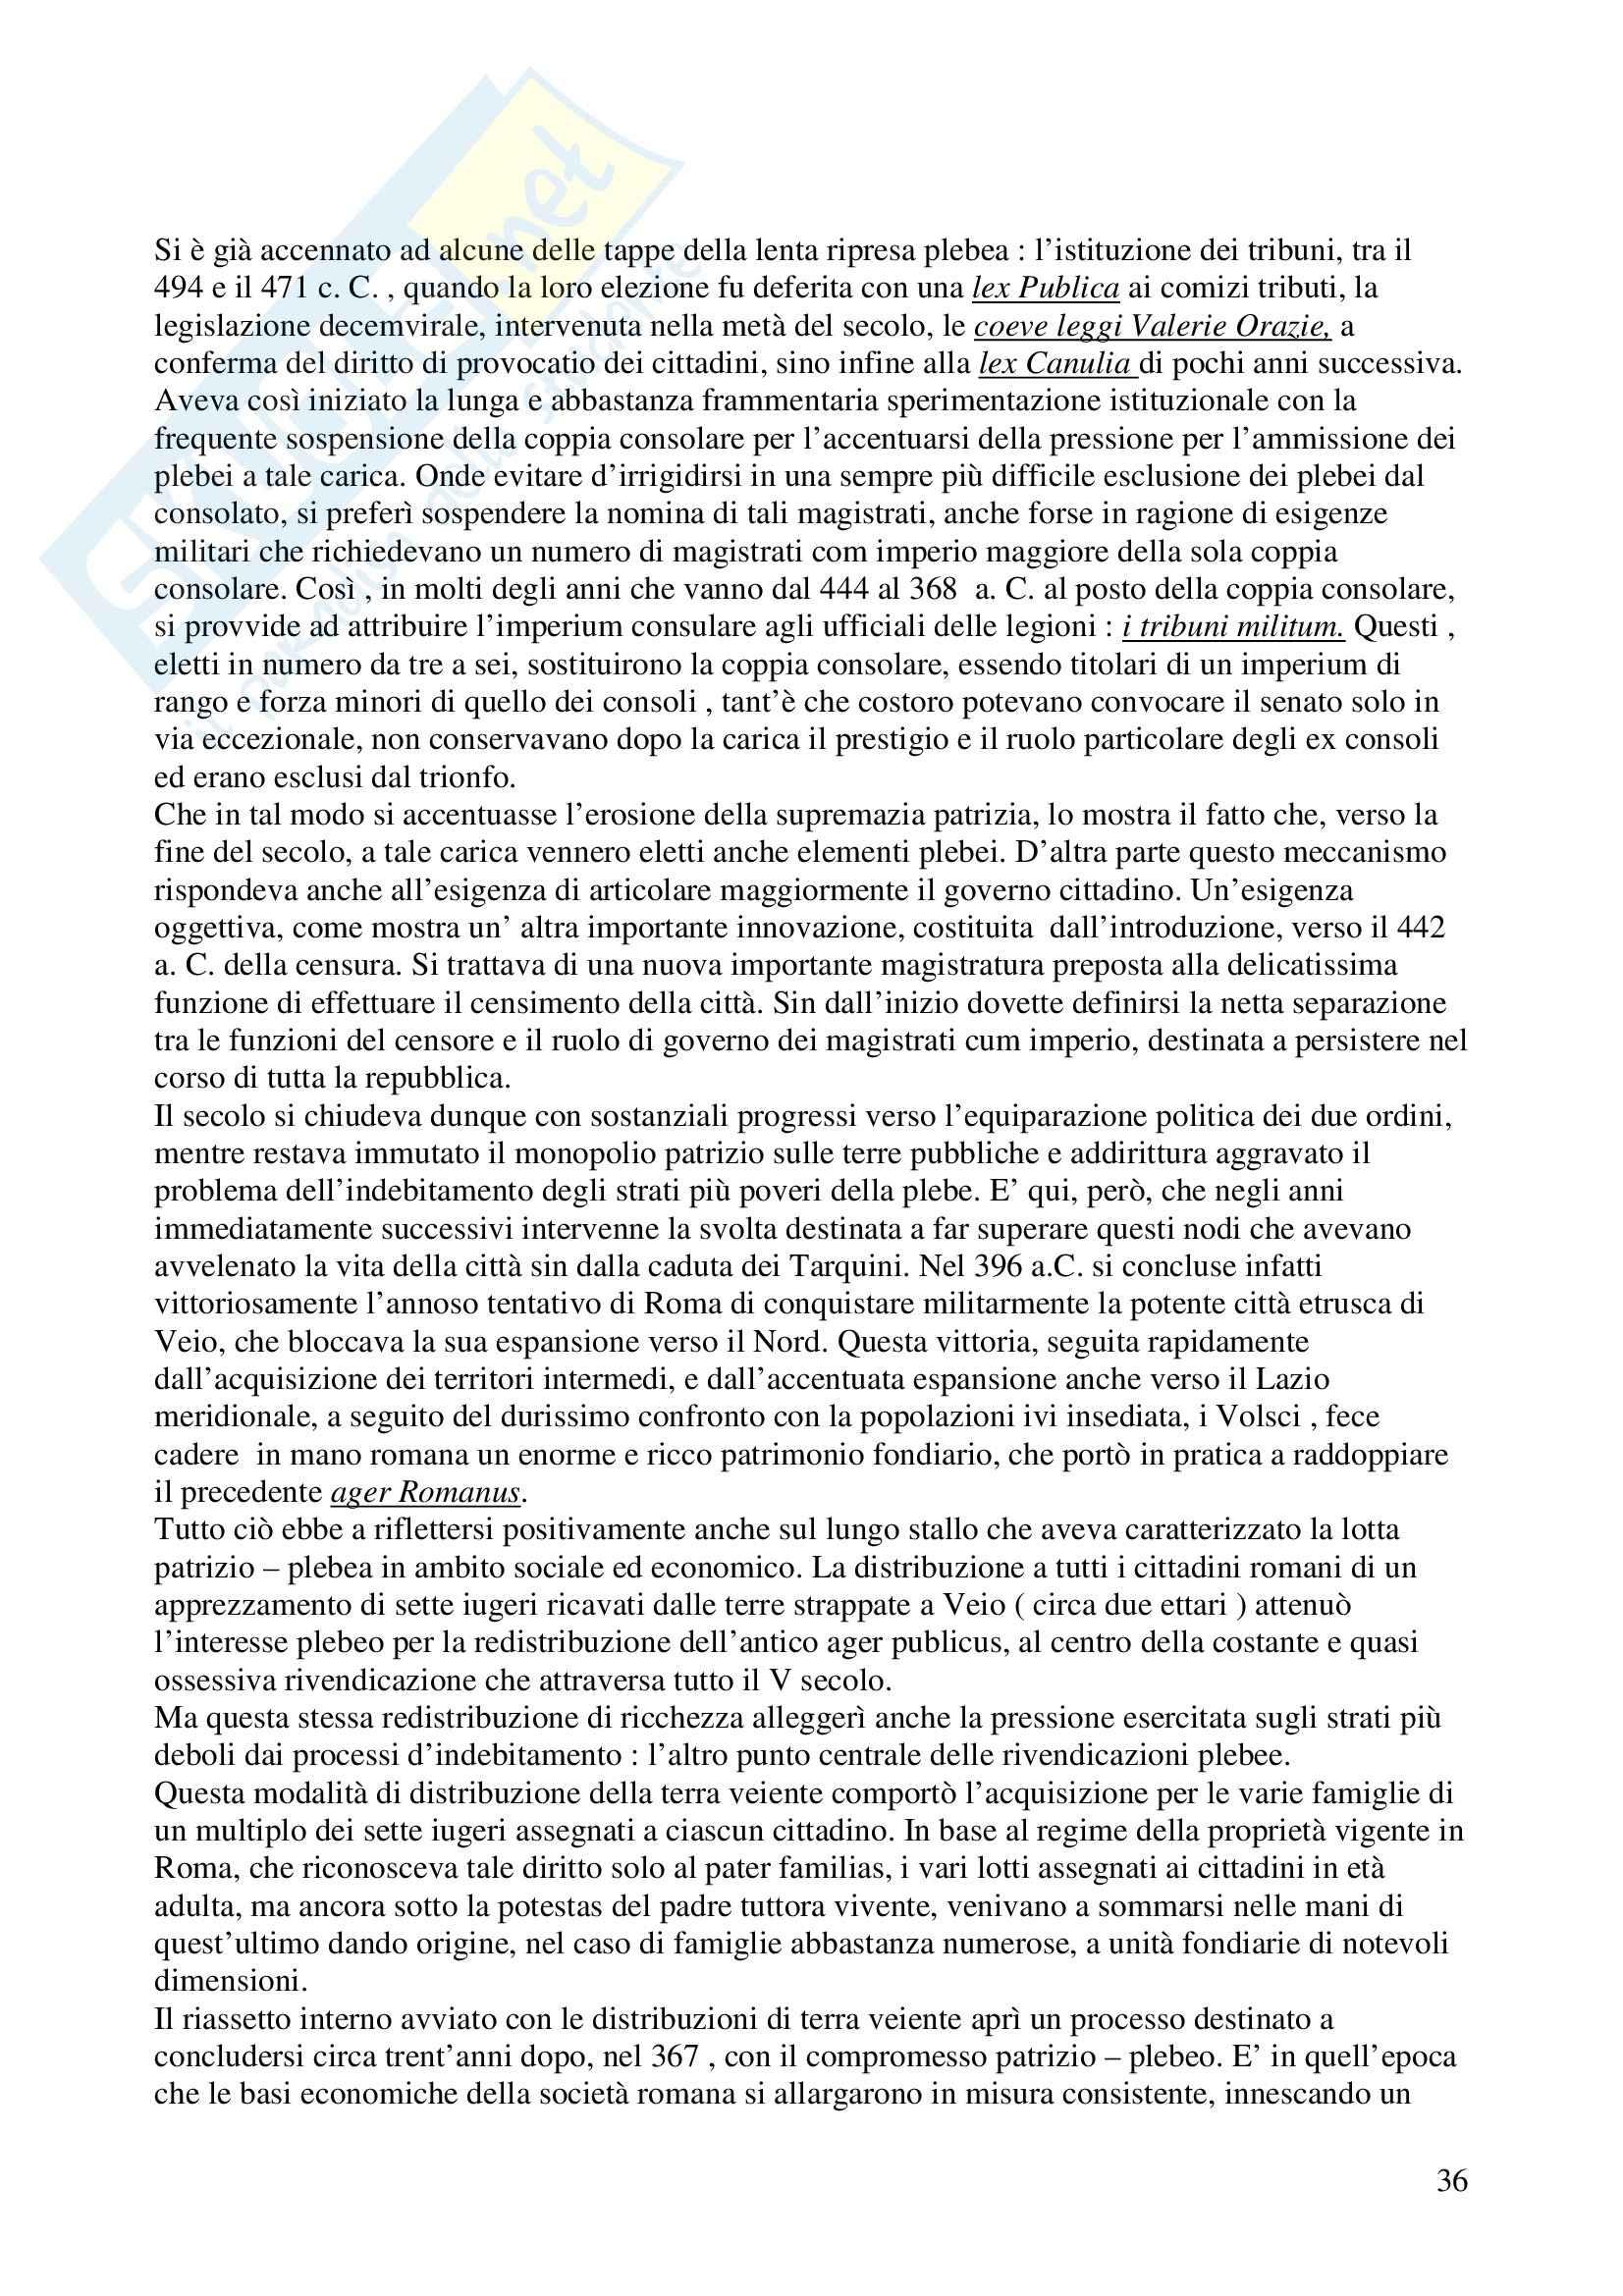 Storia di diritto romano - Appunti Pag. 36